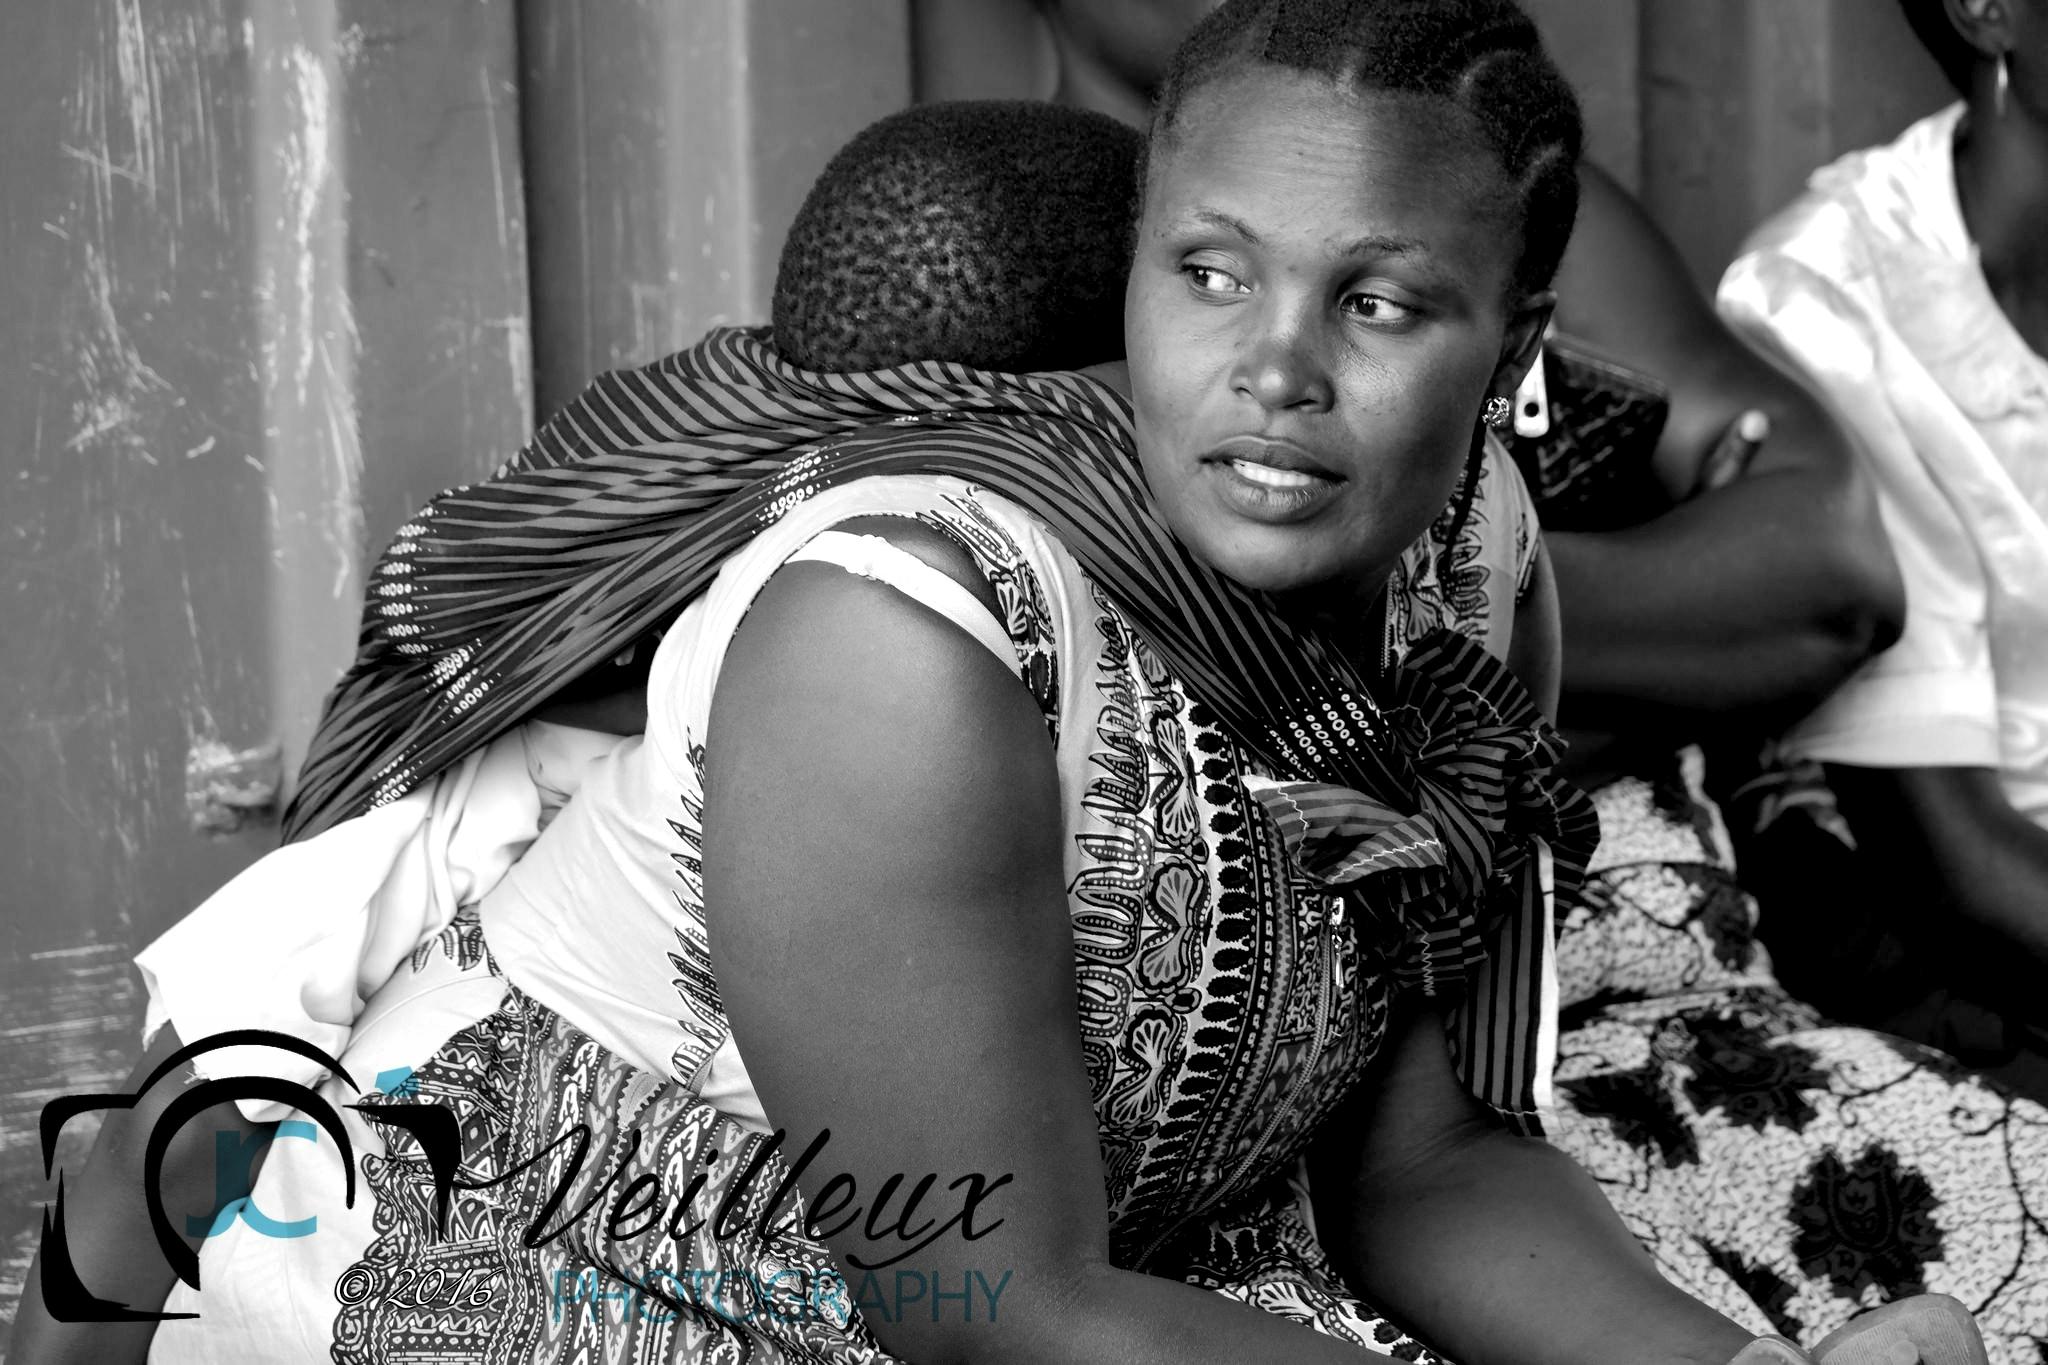 Kurya Woman No. 3